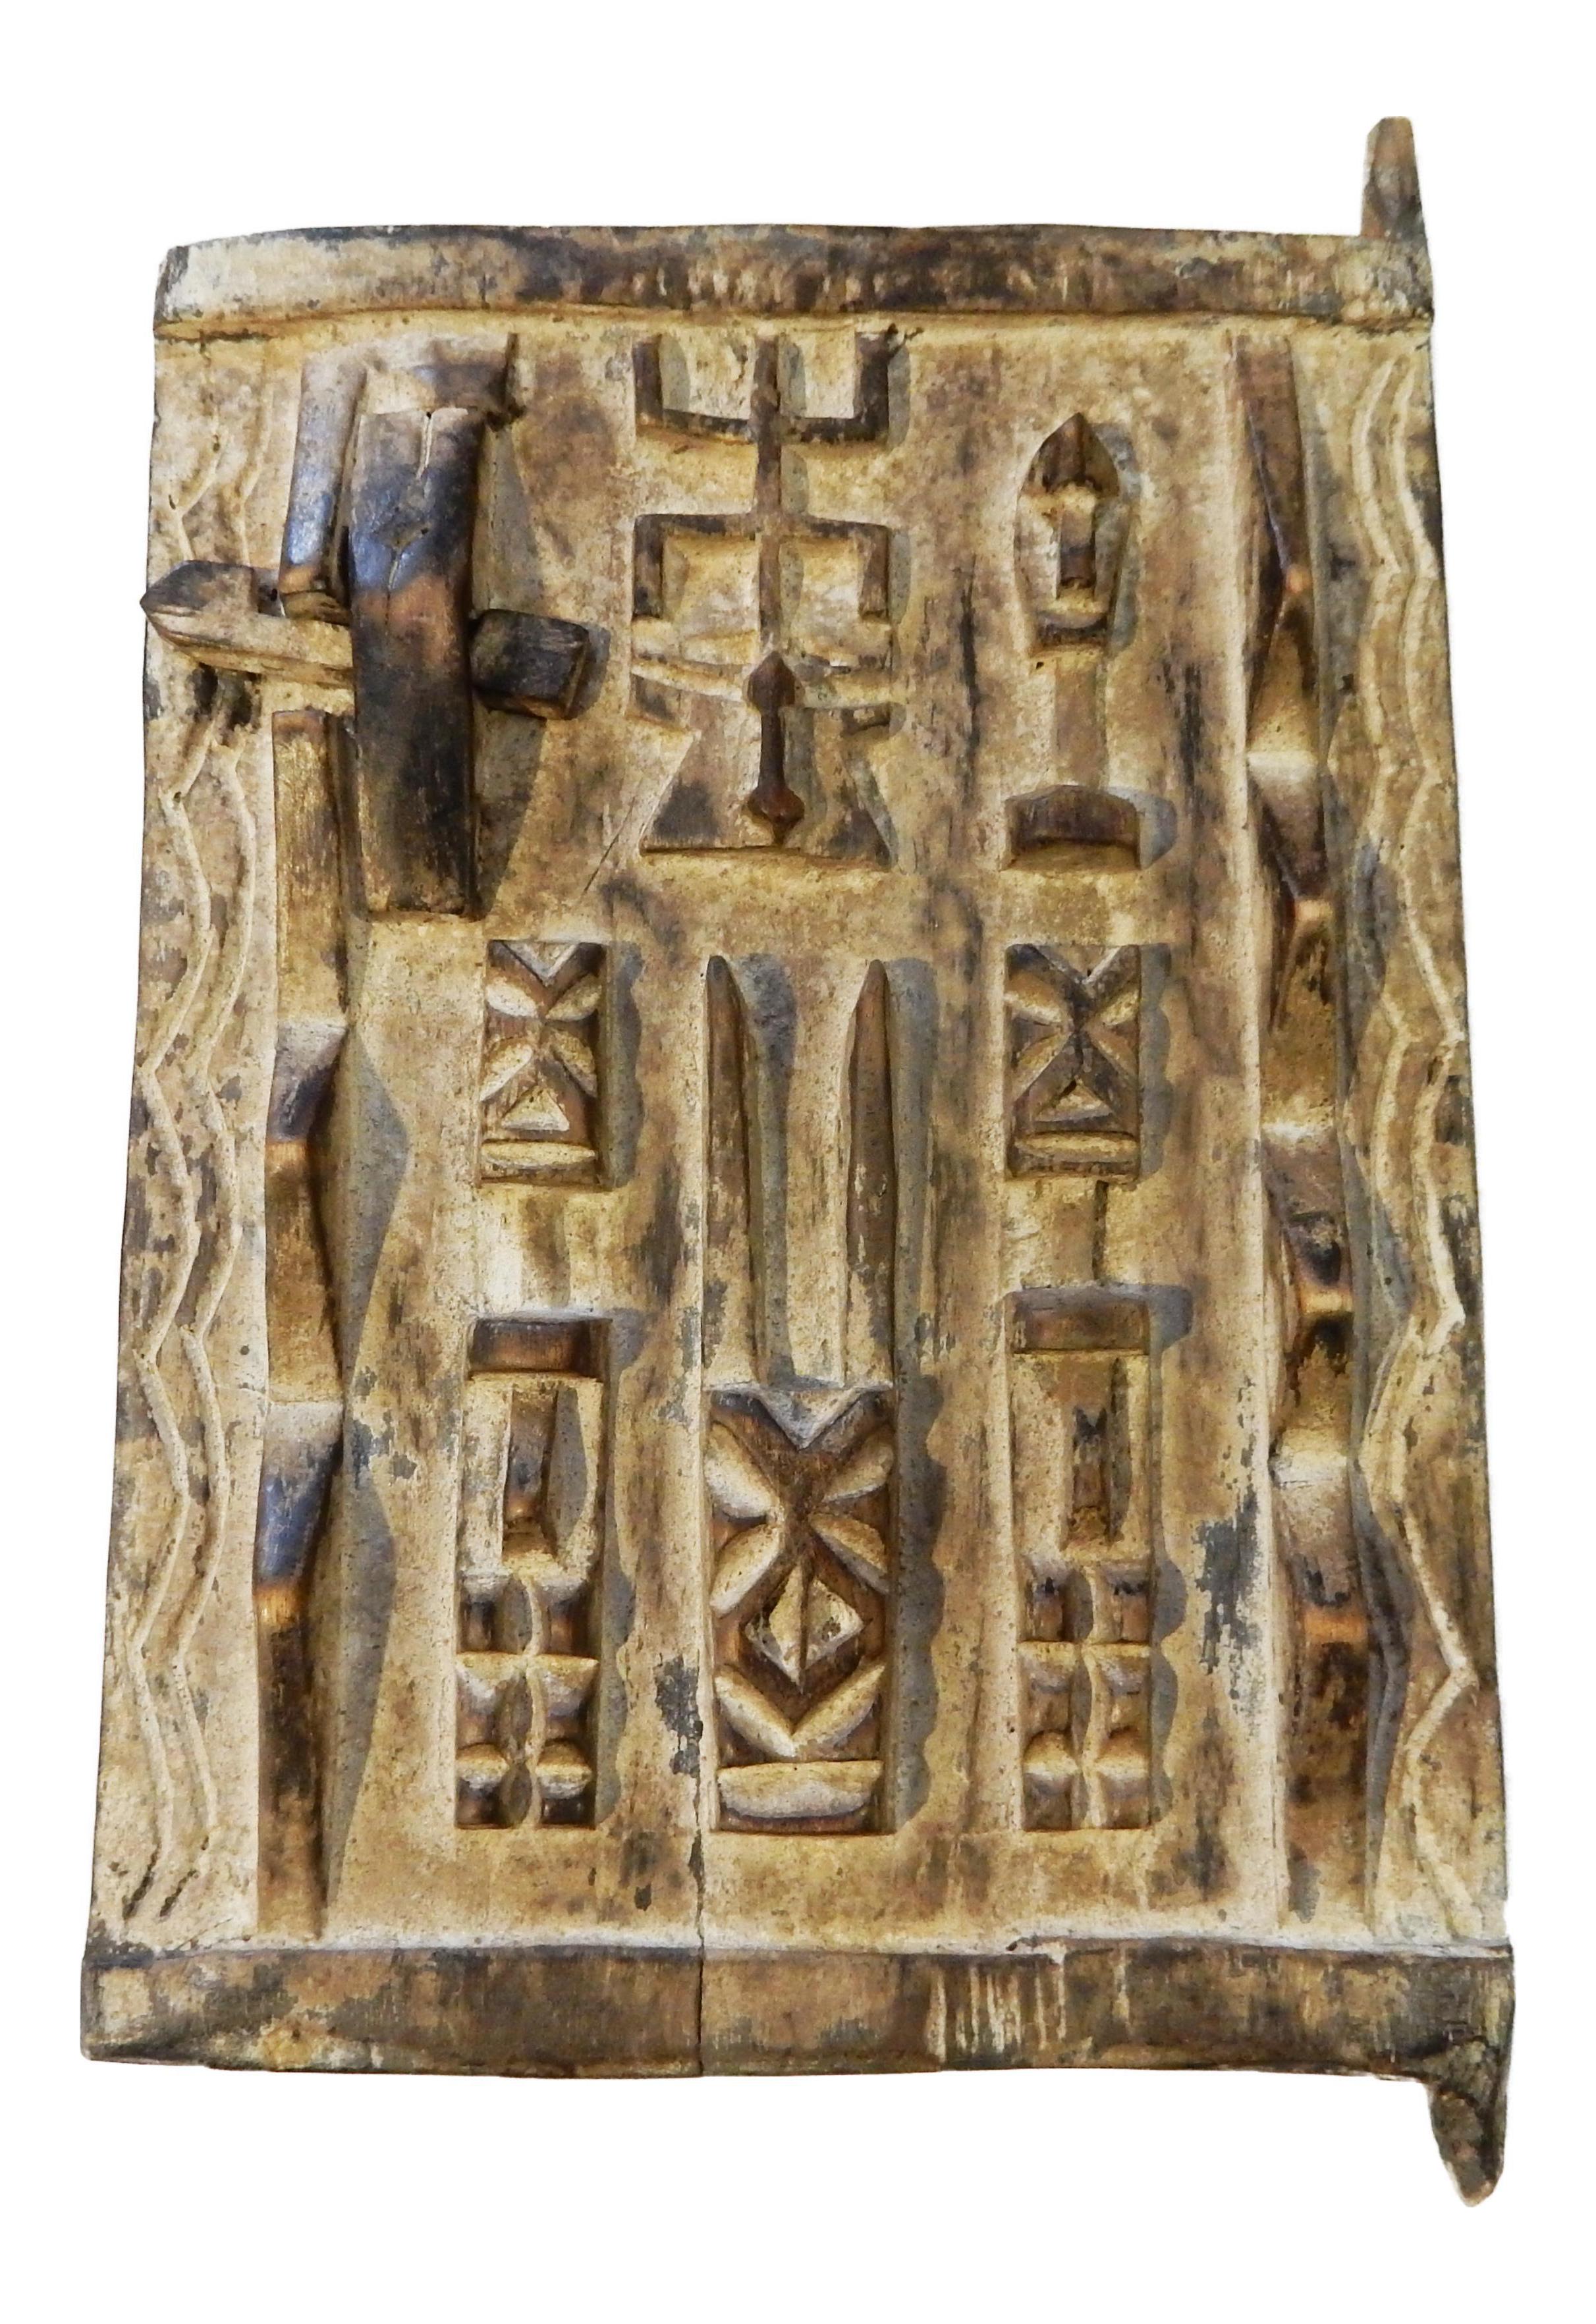 Dogon Door with Figures Mali African Miniature  sc 1 st  Chairish & Dogon Door with Figures Mali African Miniature | Chairish